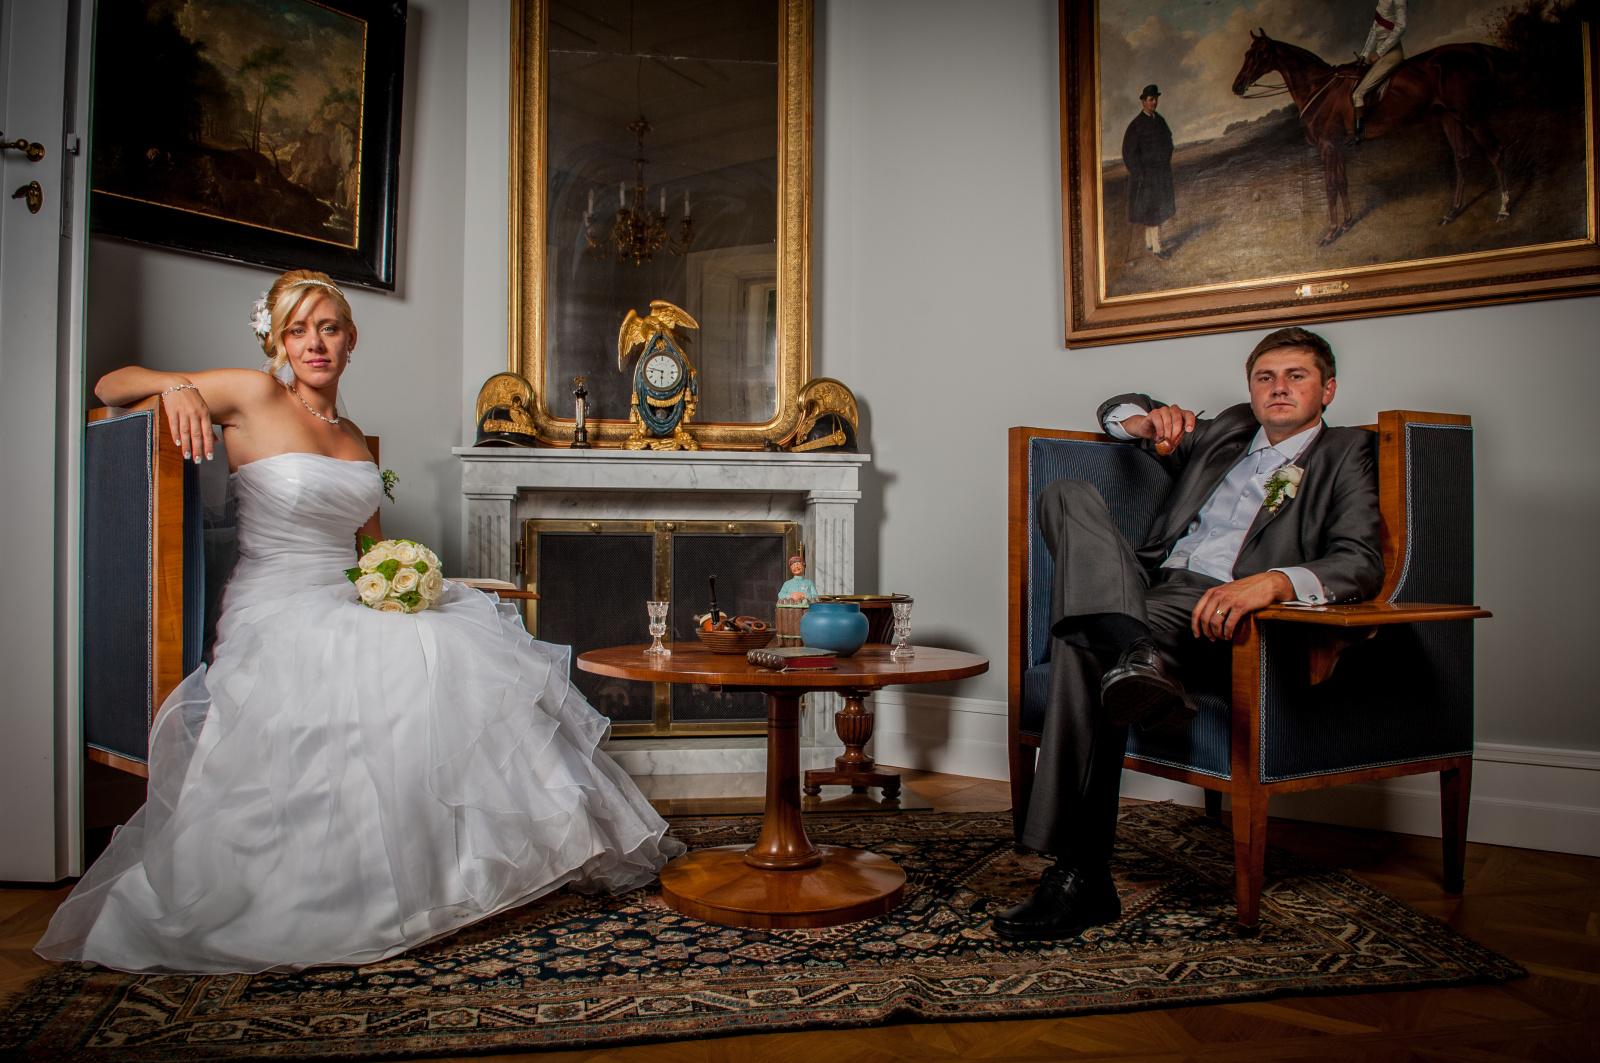 Fotografování svatby venku či uvnitř